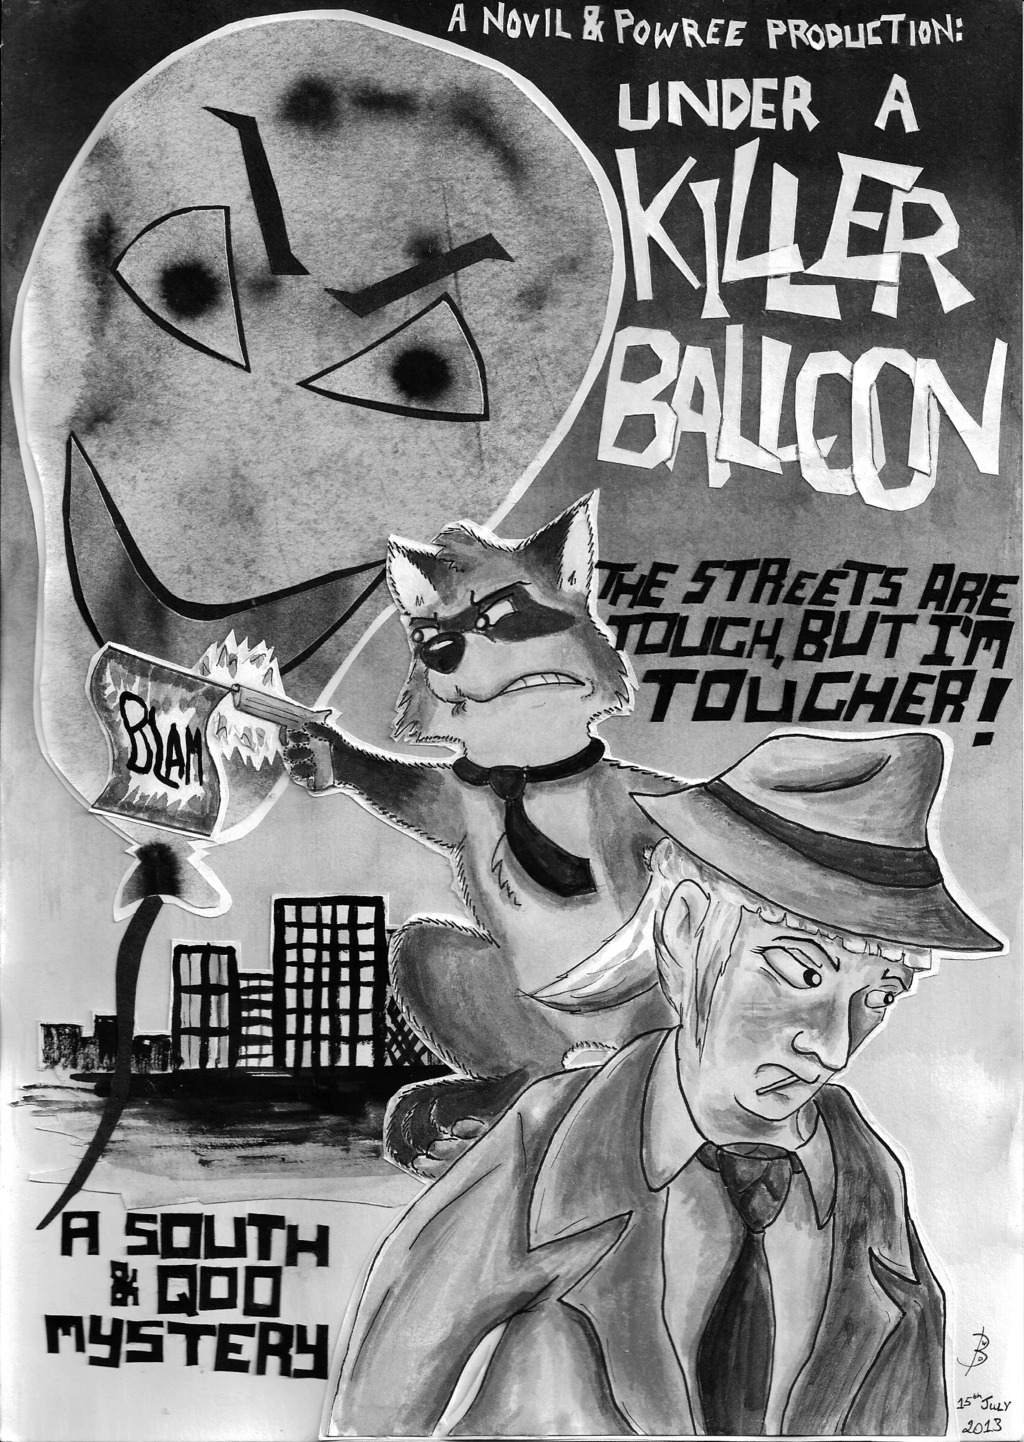 Under A Killer Balloon